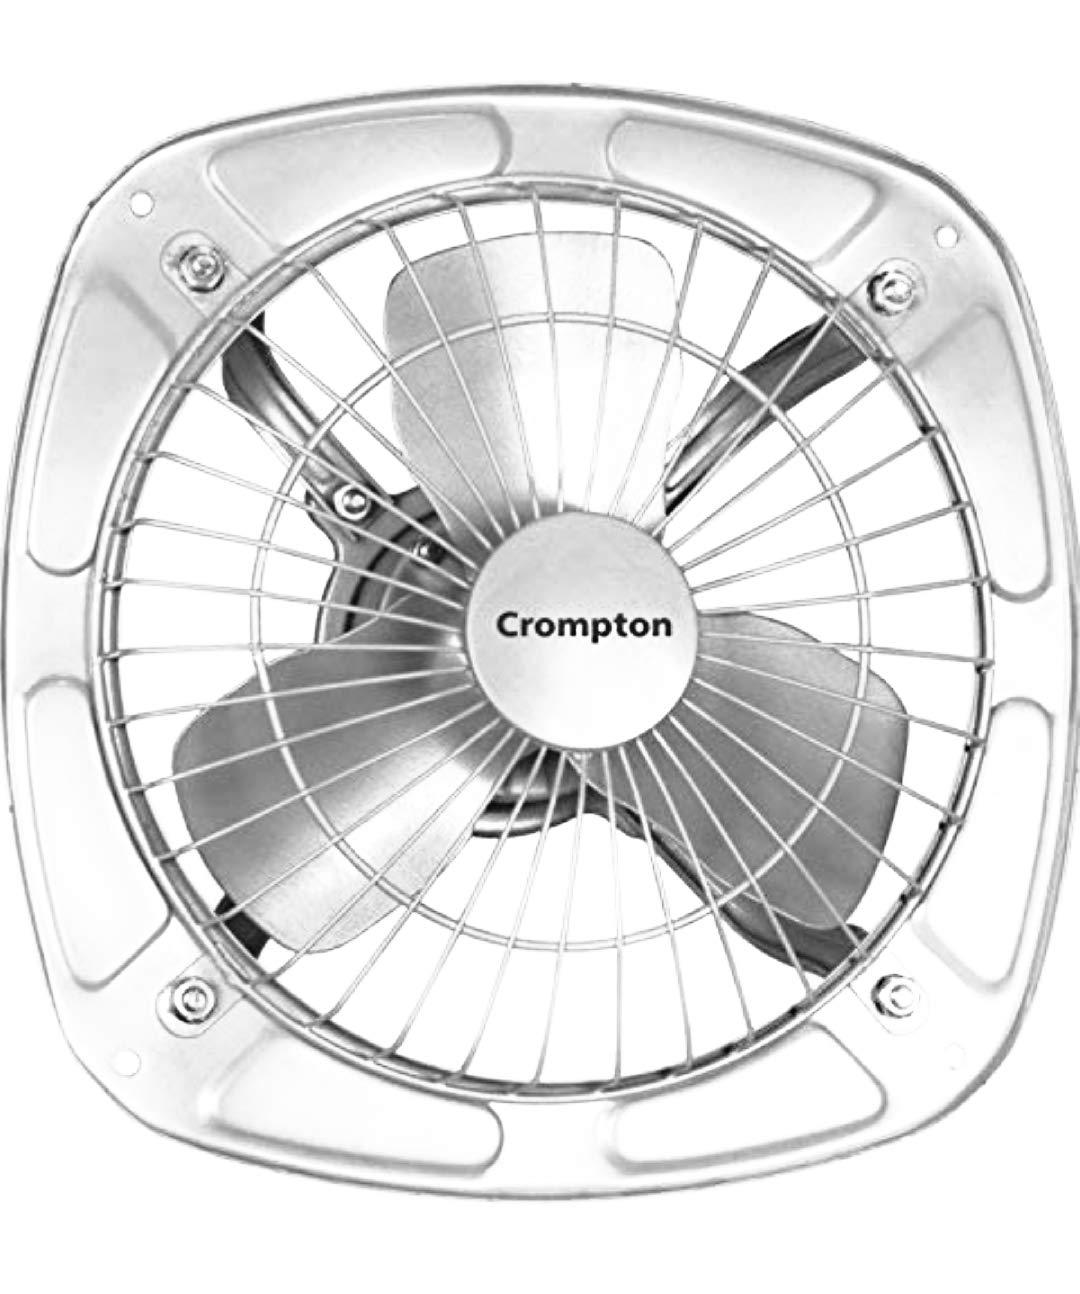 Crompton Drift Air Plus Kitchen Window Exhaust Fan